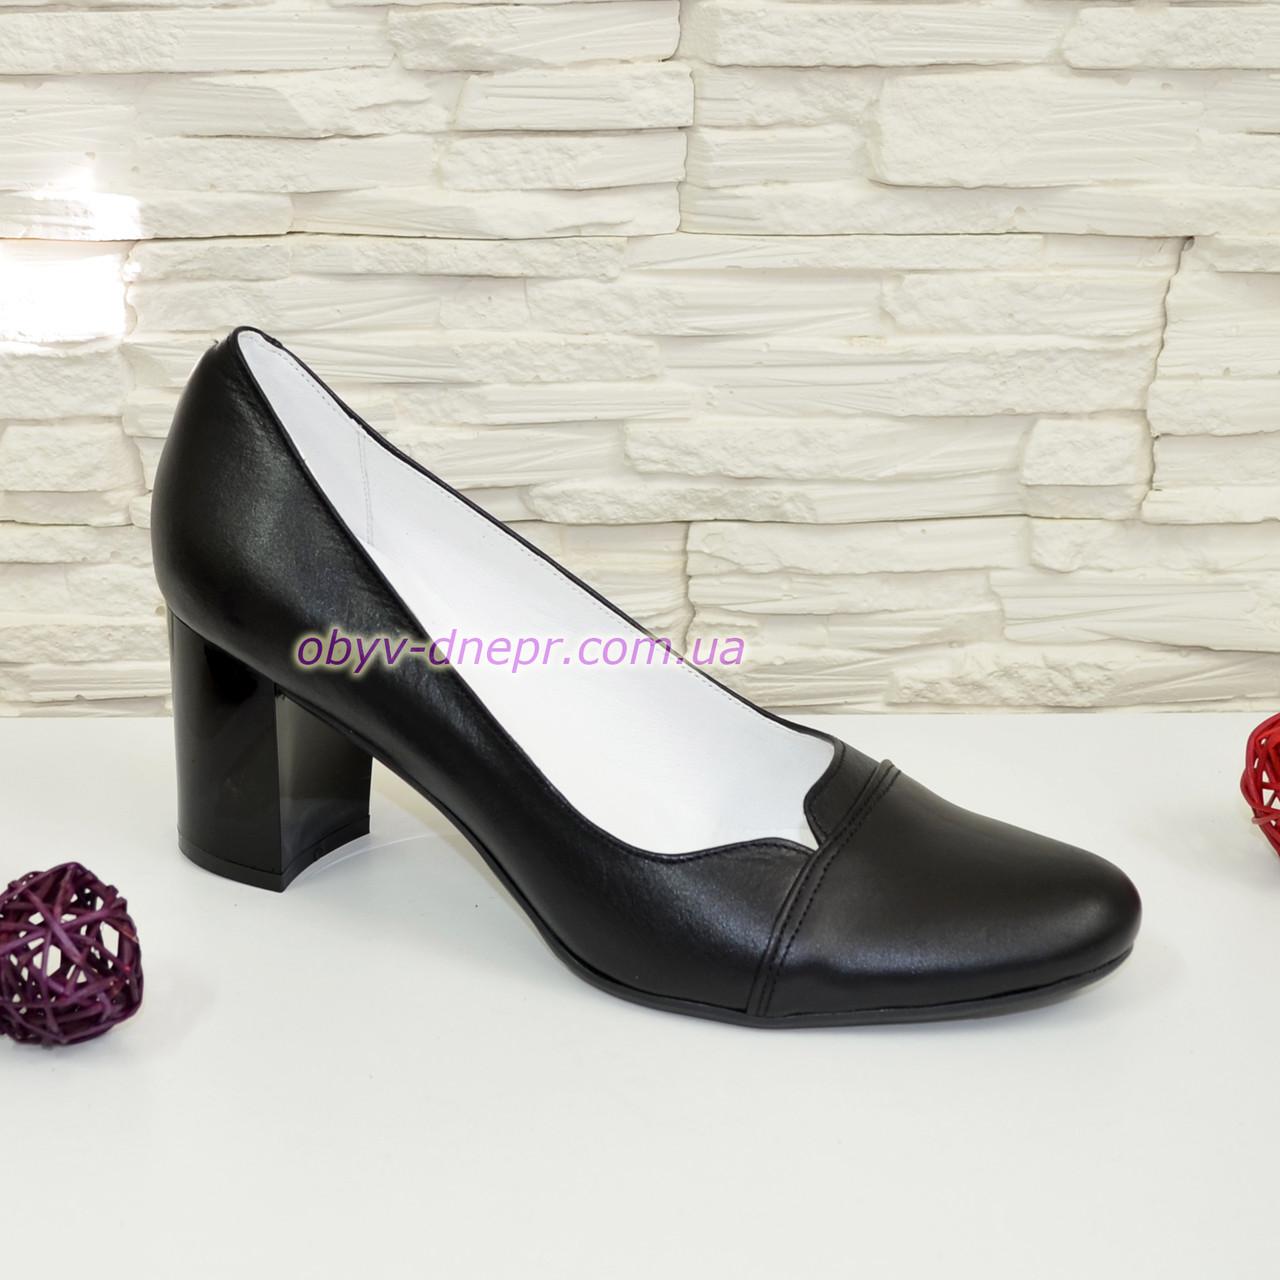 ac0b6c851d74 Туфли женские классические черные кожаные на невысоком каблуке ...